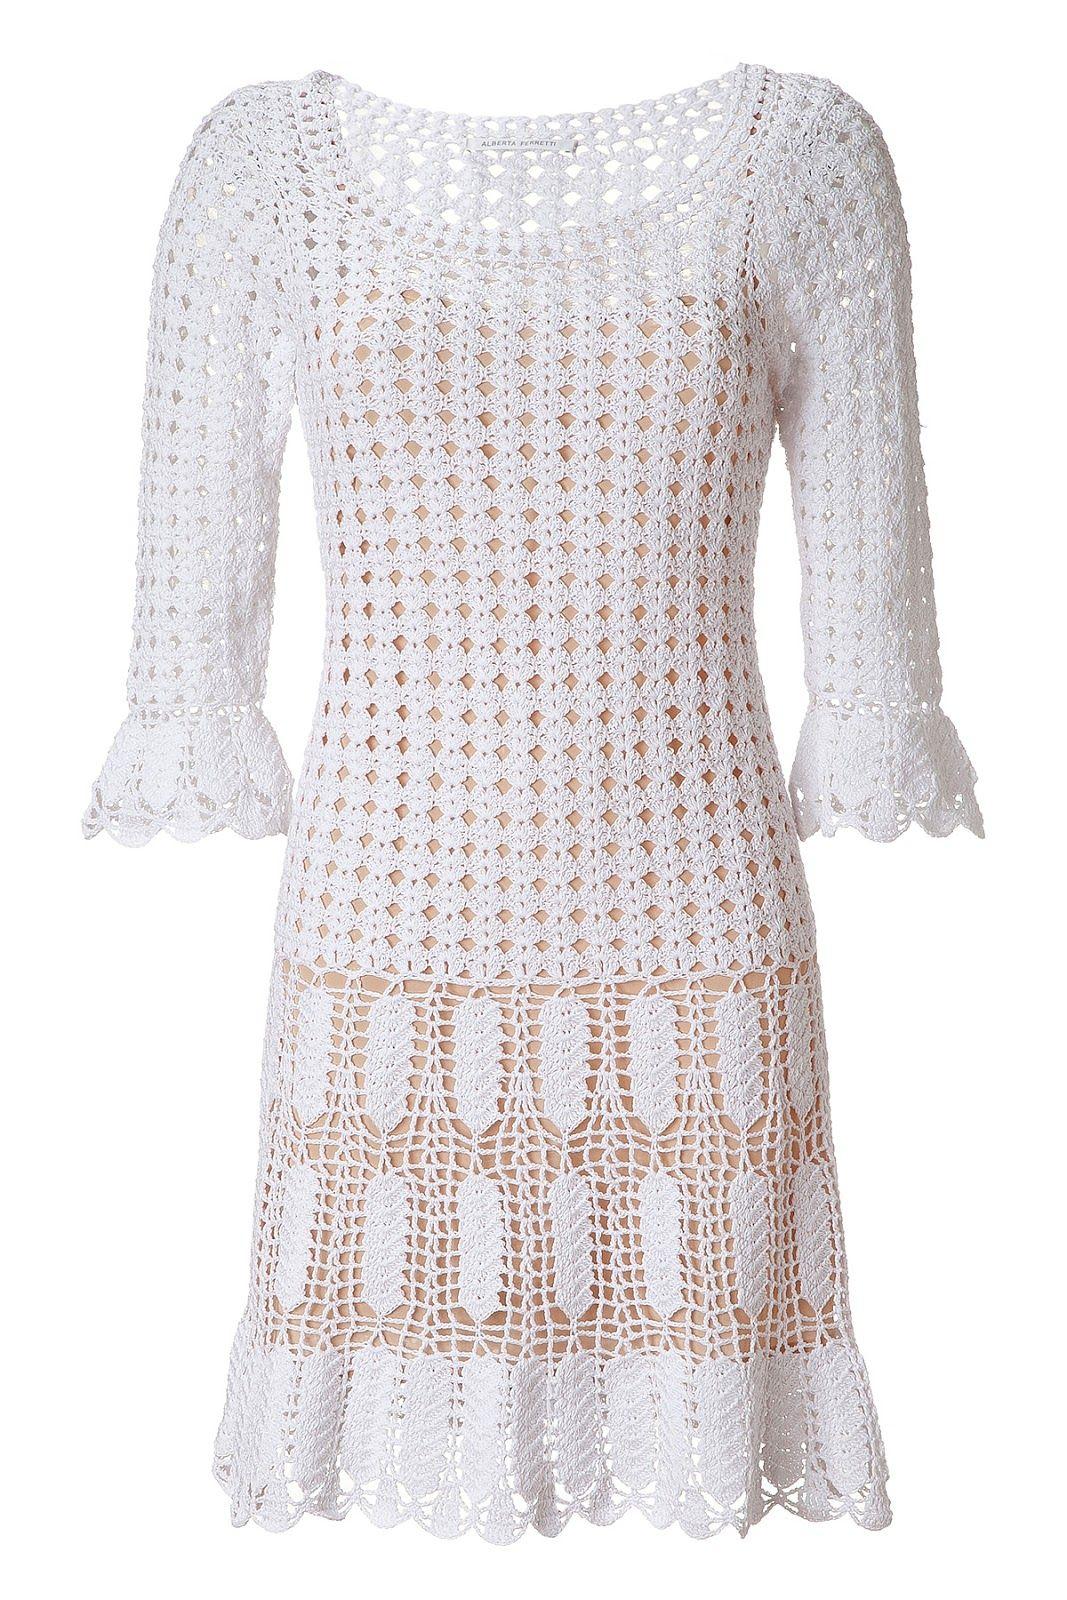 Женщина в белом: платье крючком от Alberta Ferretti. Подбор узоров и выкройки. Обсуждение на LiveInternet - Российский Сервис Онлайн-Дневников